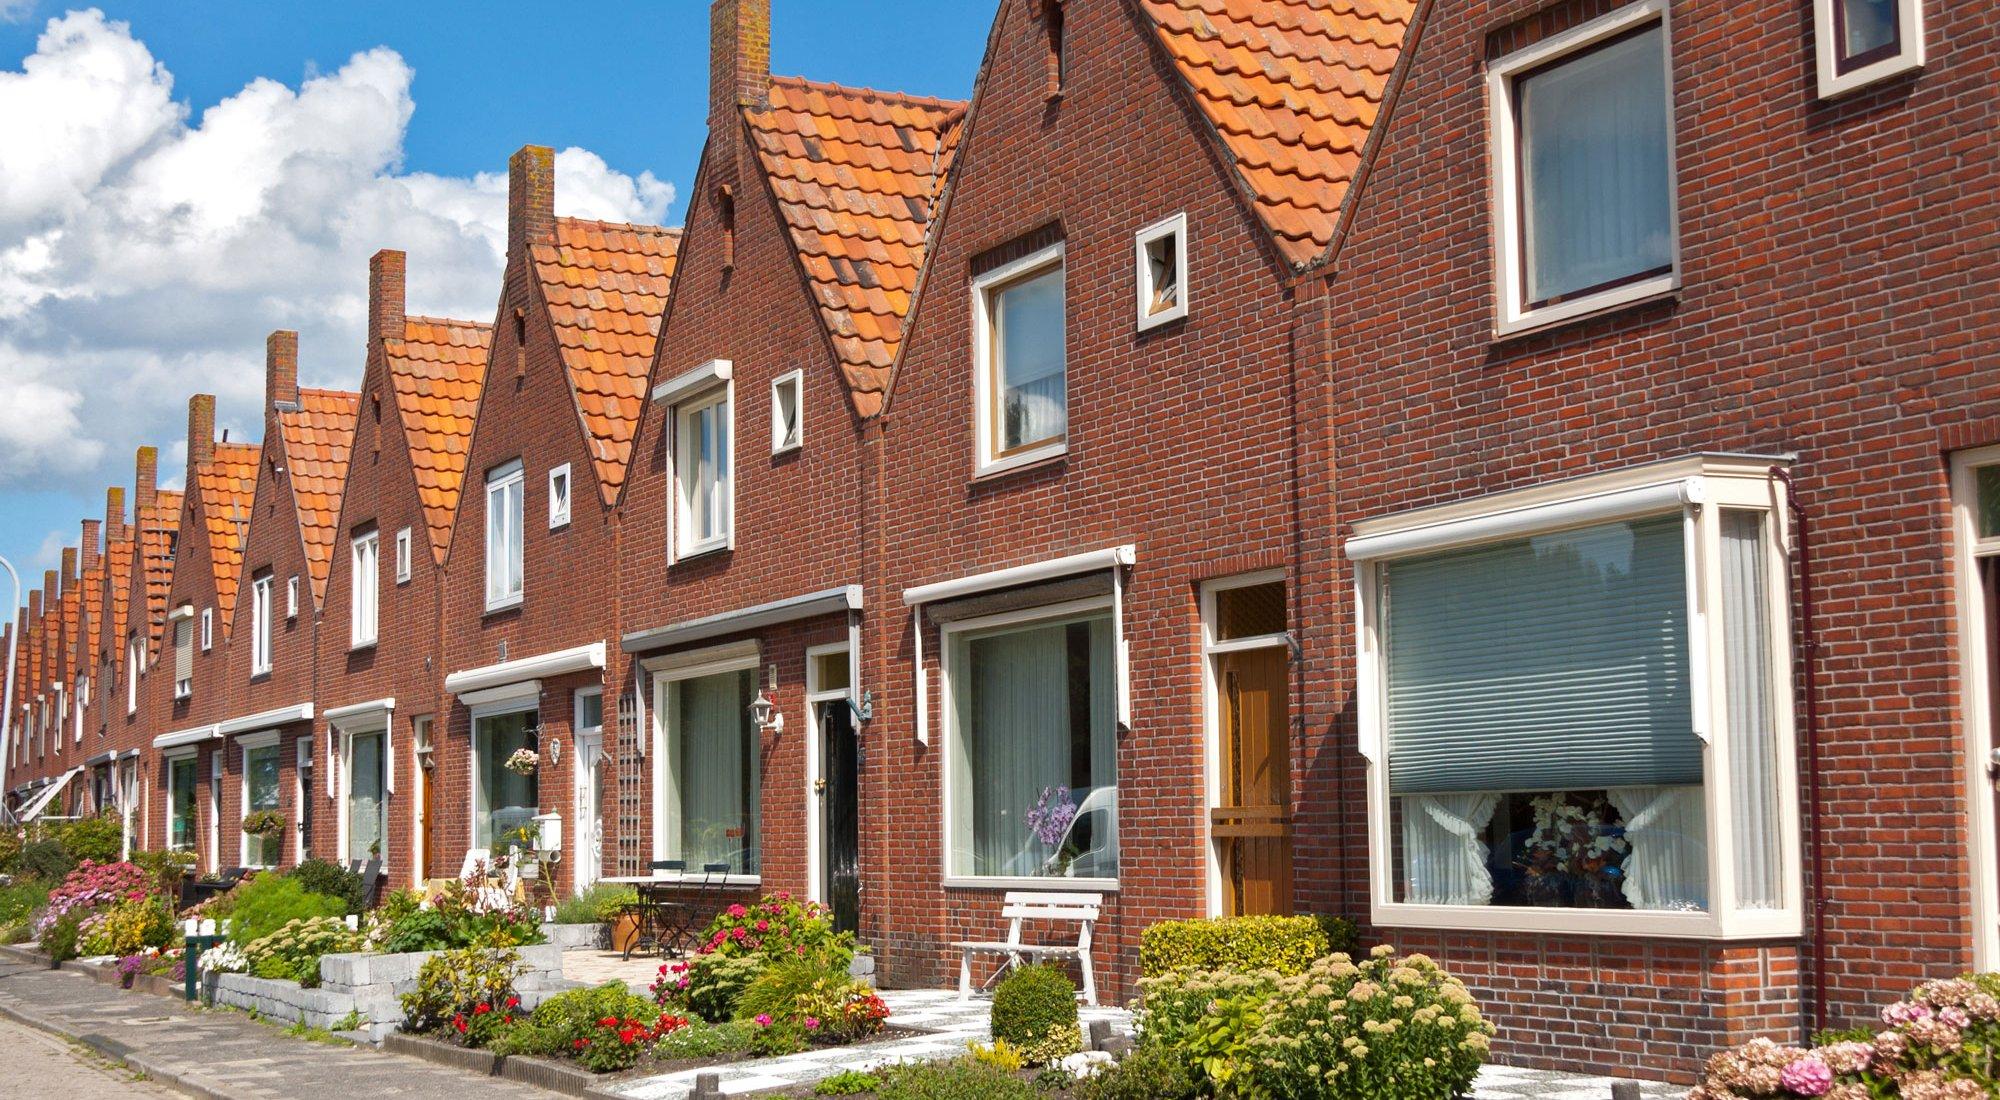 Huizen die de wereld mooier maken